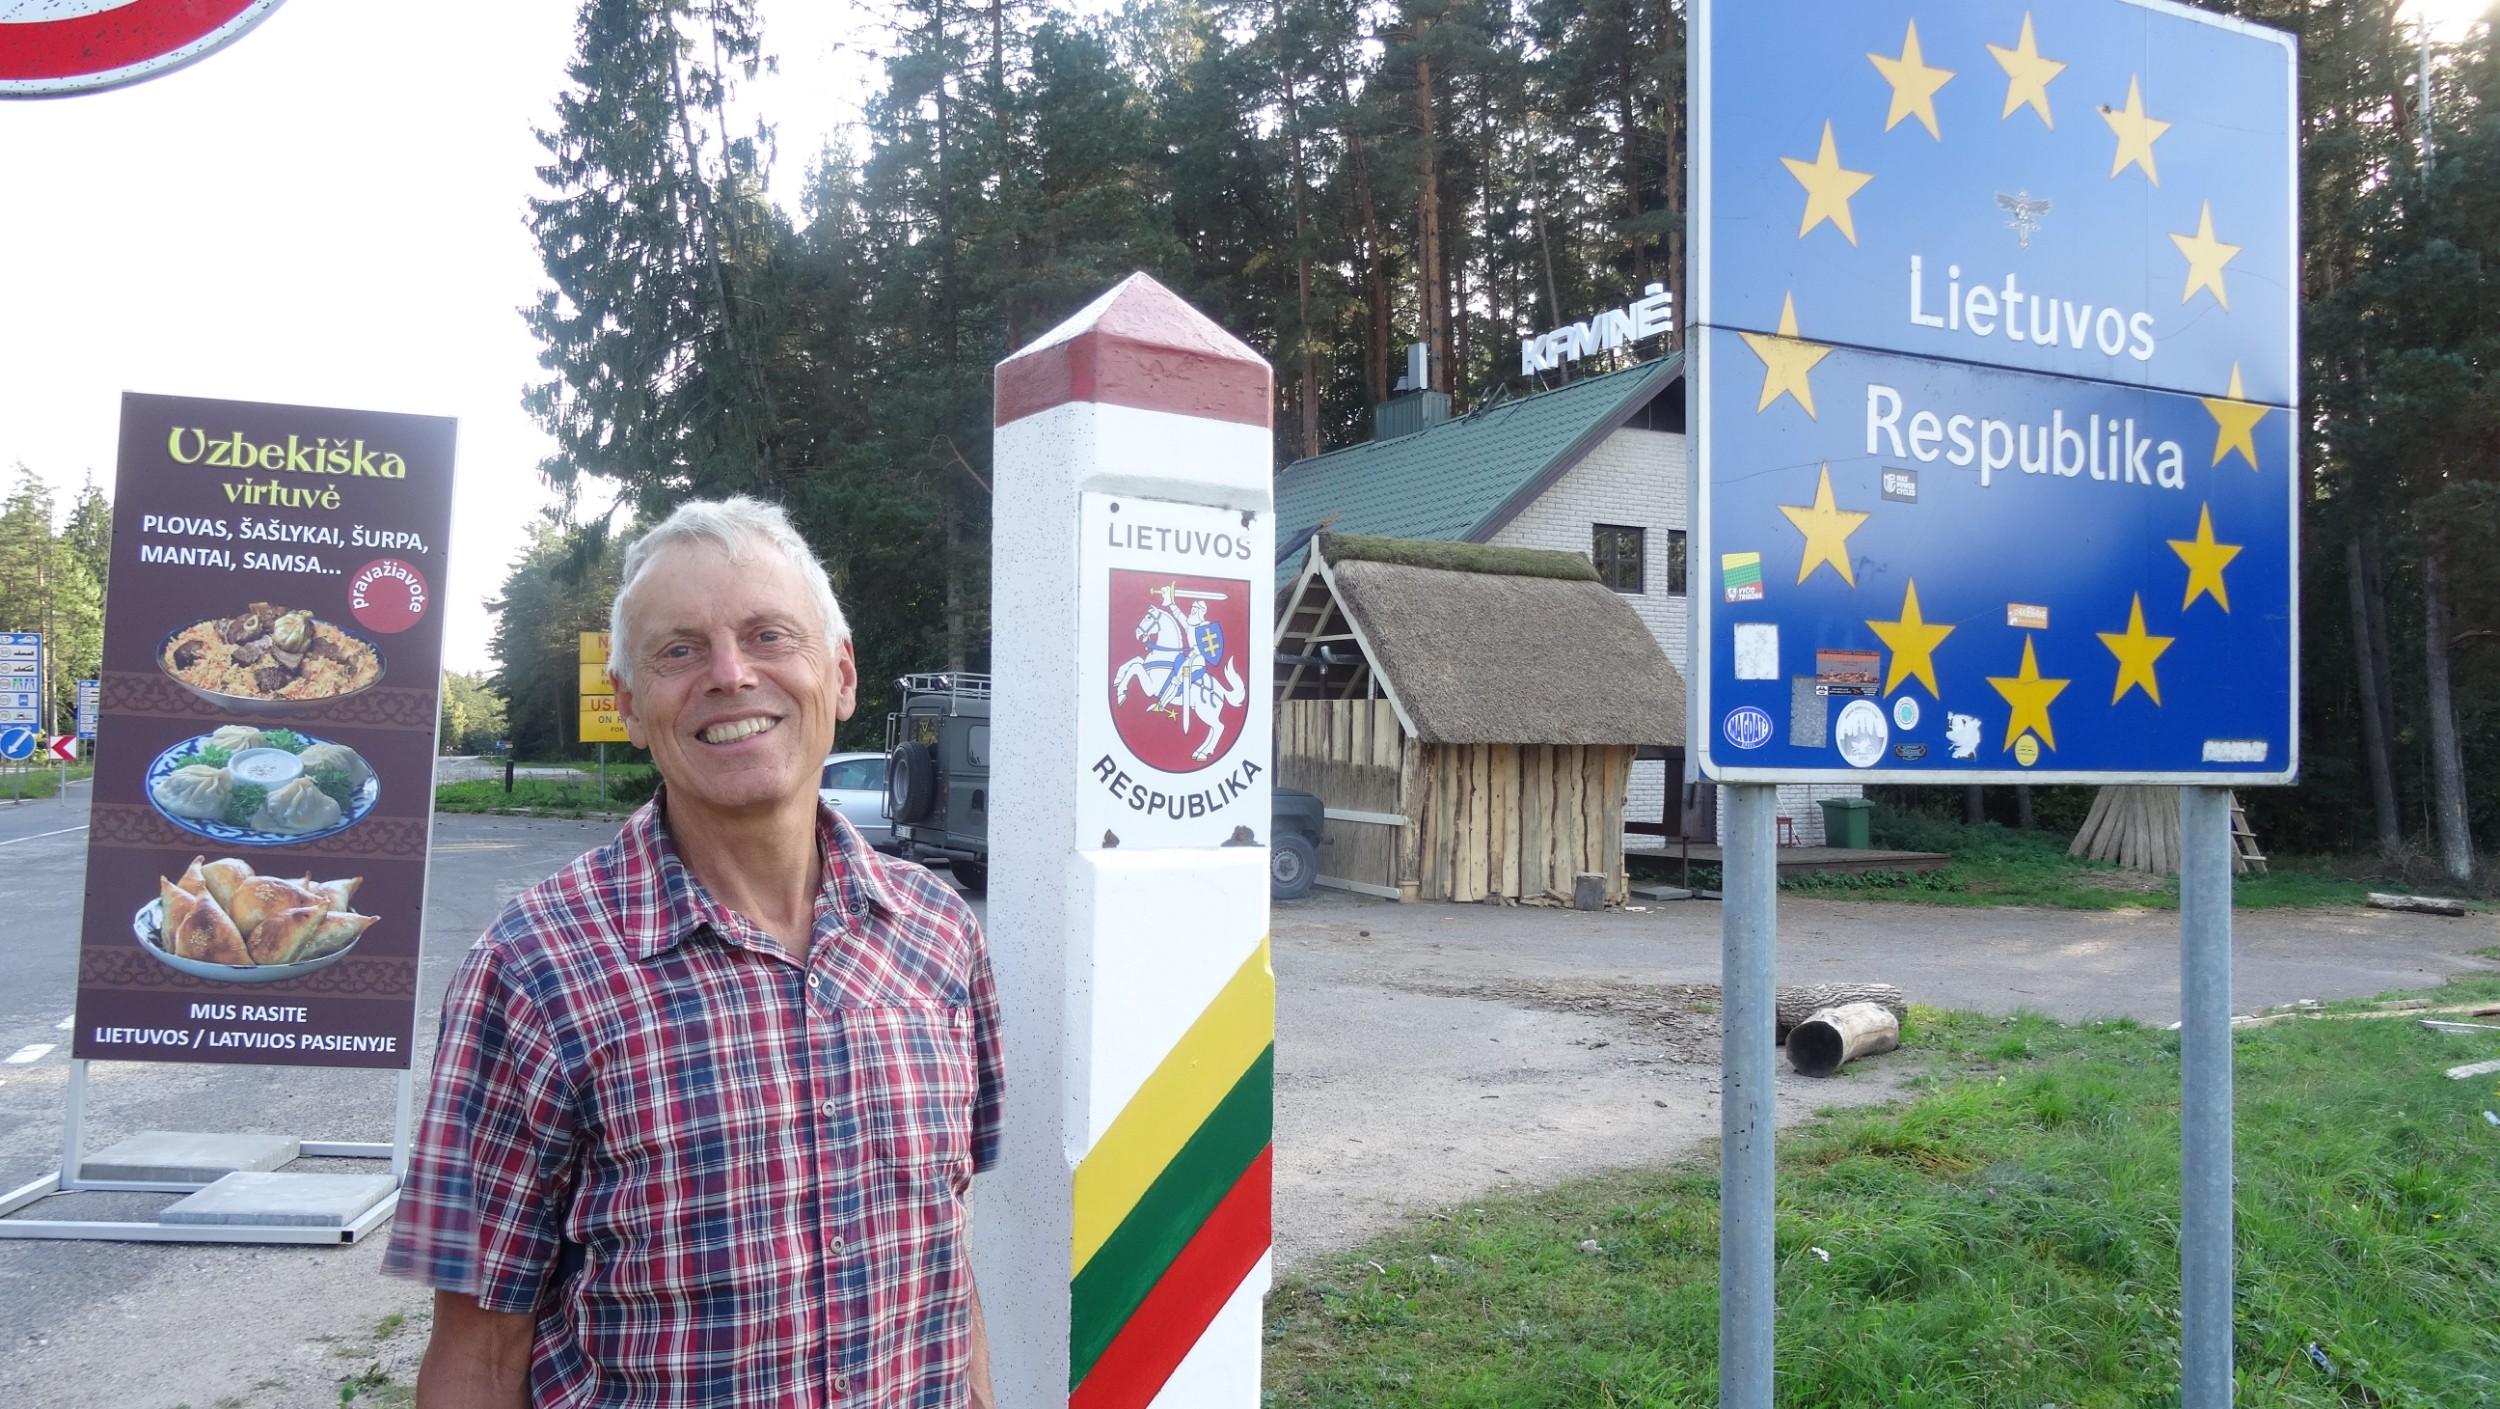 Latvia / Lithuania border